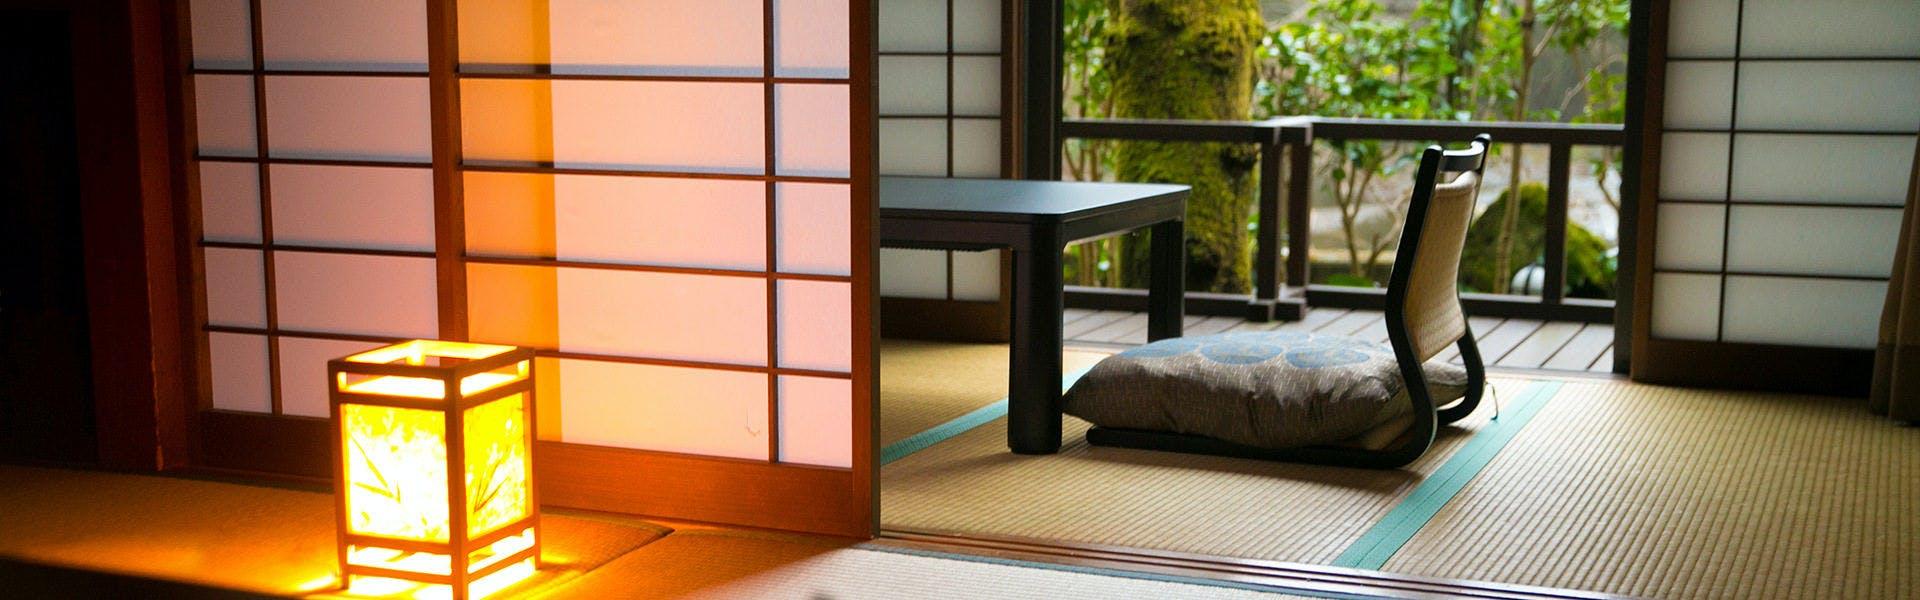 記念日におすすめのホテル・厚木飯山温泉 元湯旅館の写真3